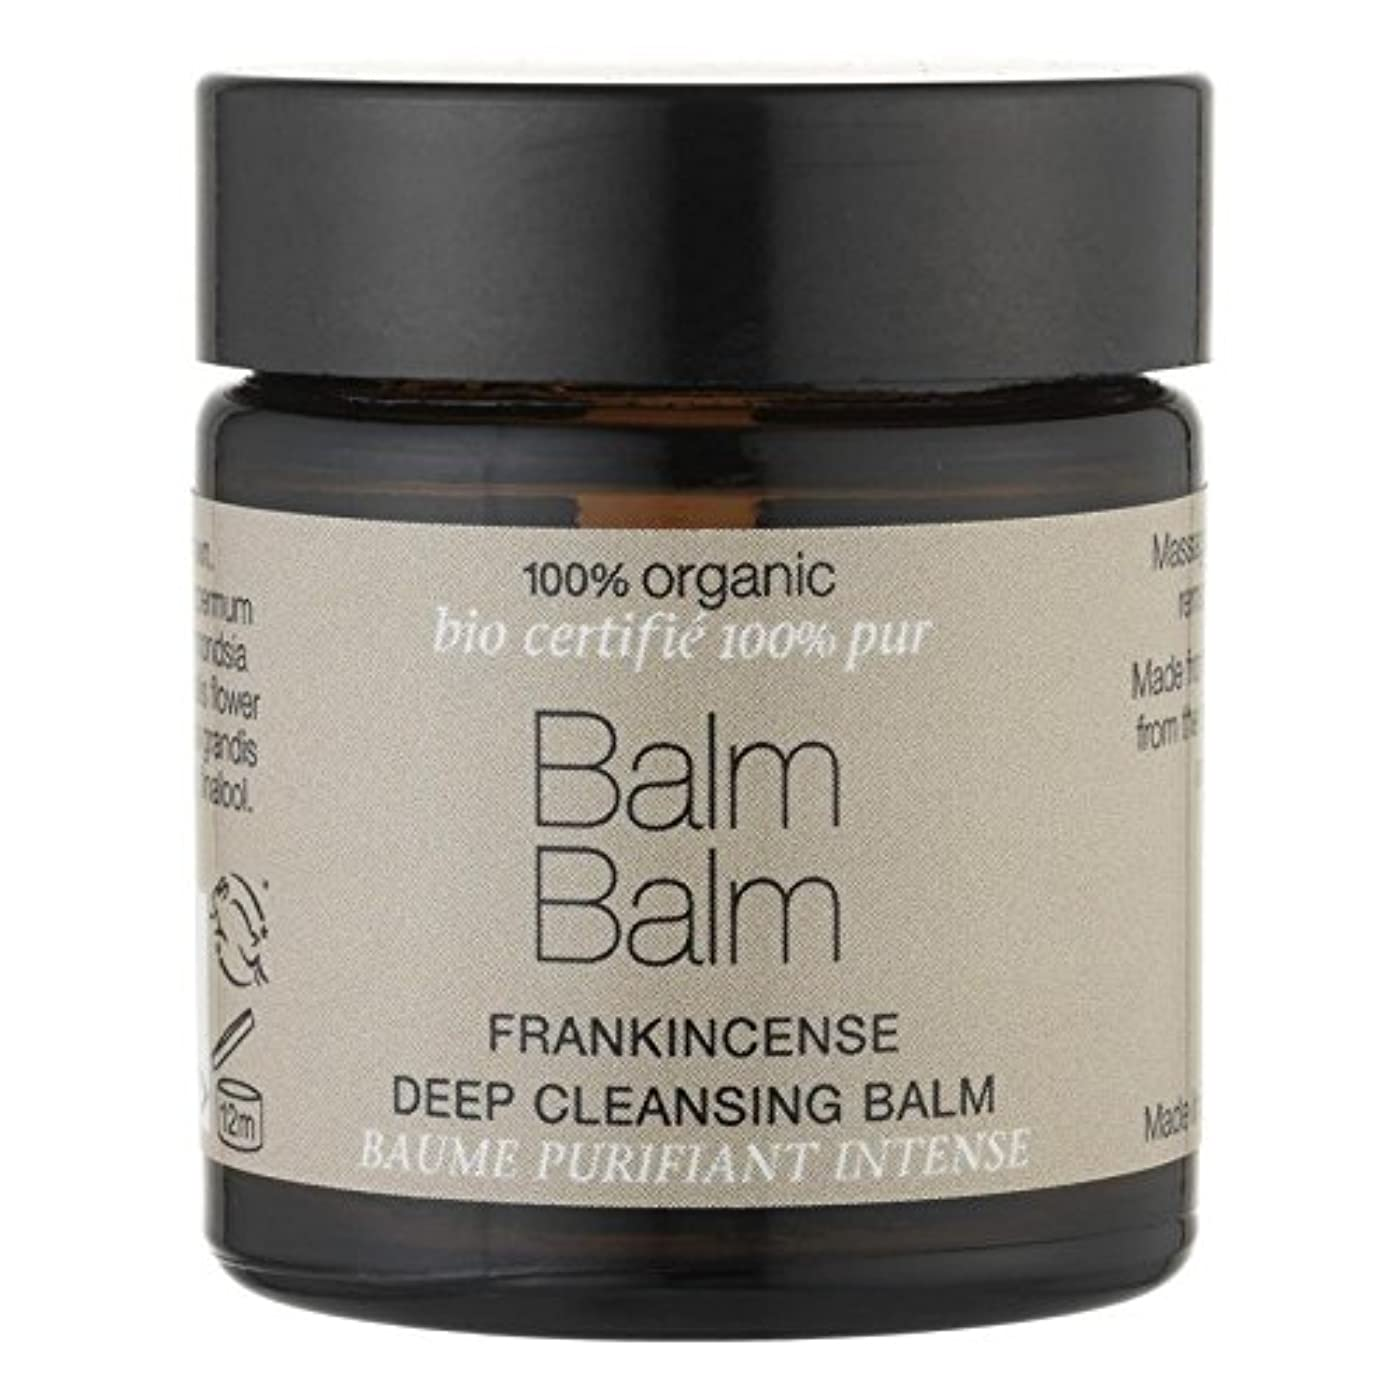 軽く夫絶滅したBalm Balm Frankincense Organic Deep Cleansing Balm 30ml (Pack of 6) - バームバーム乳香有機ディープクレンジングクリーム30ミリリットル x6 [並行輸入品]